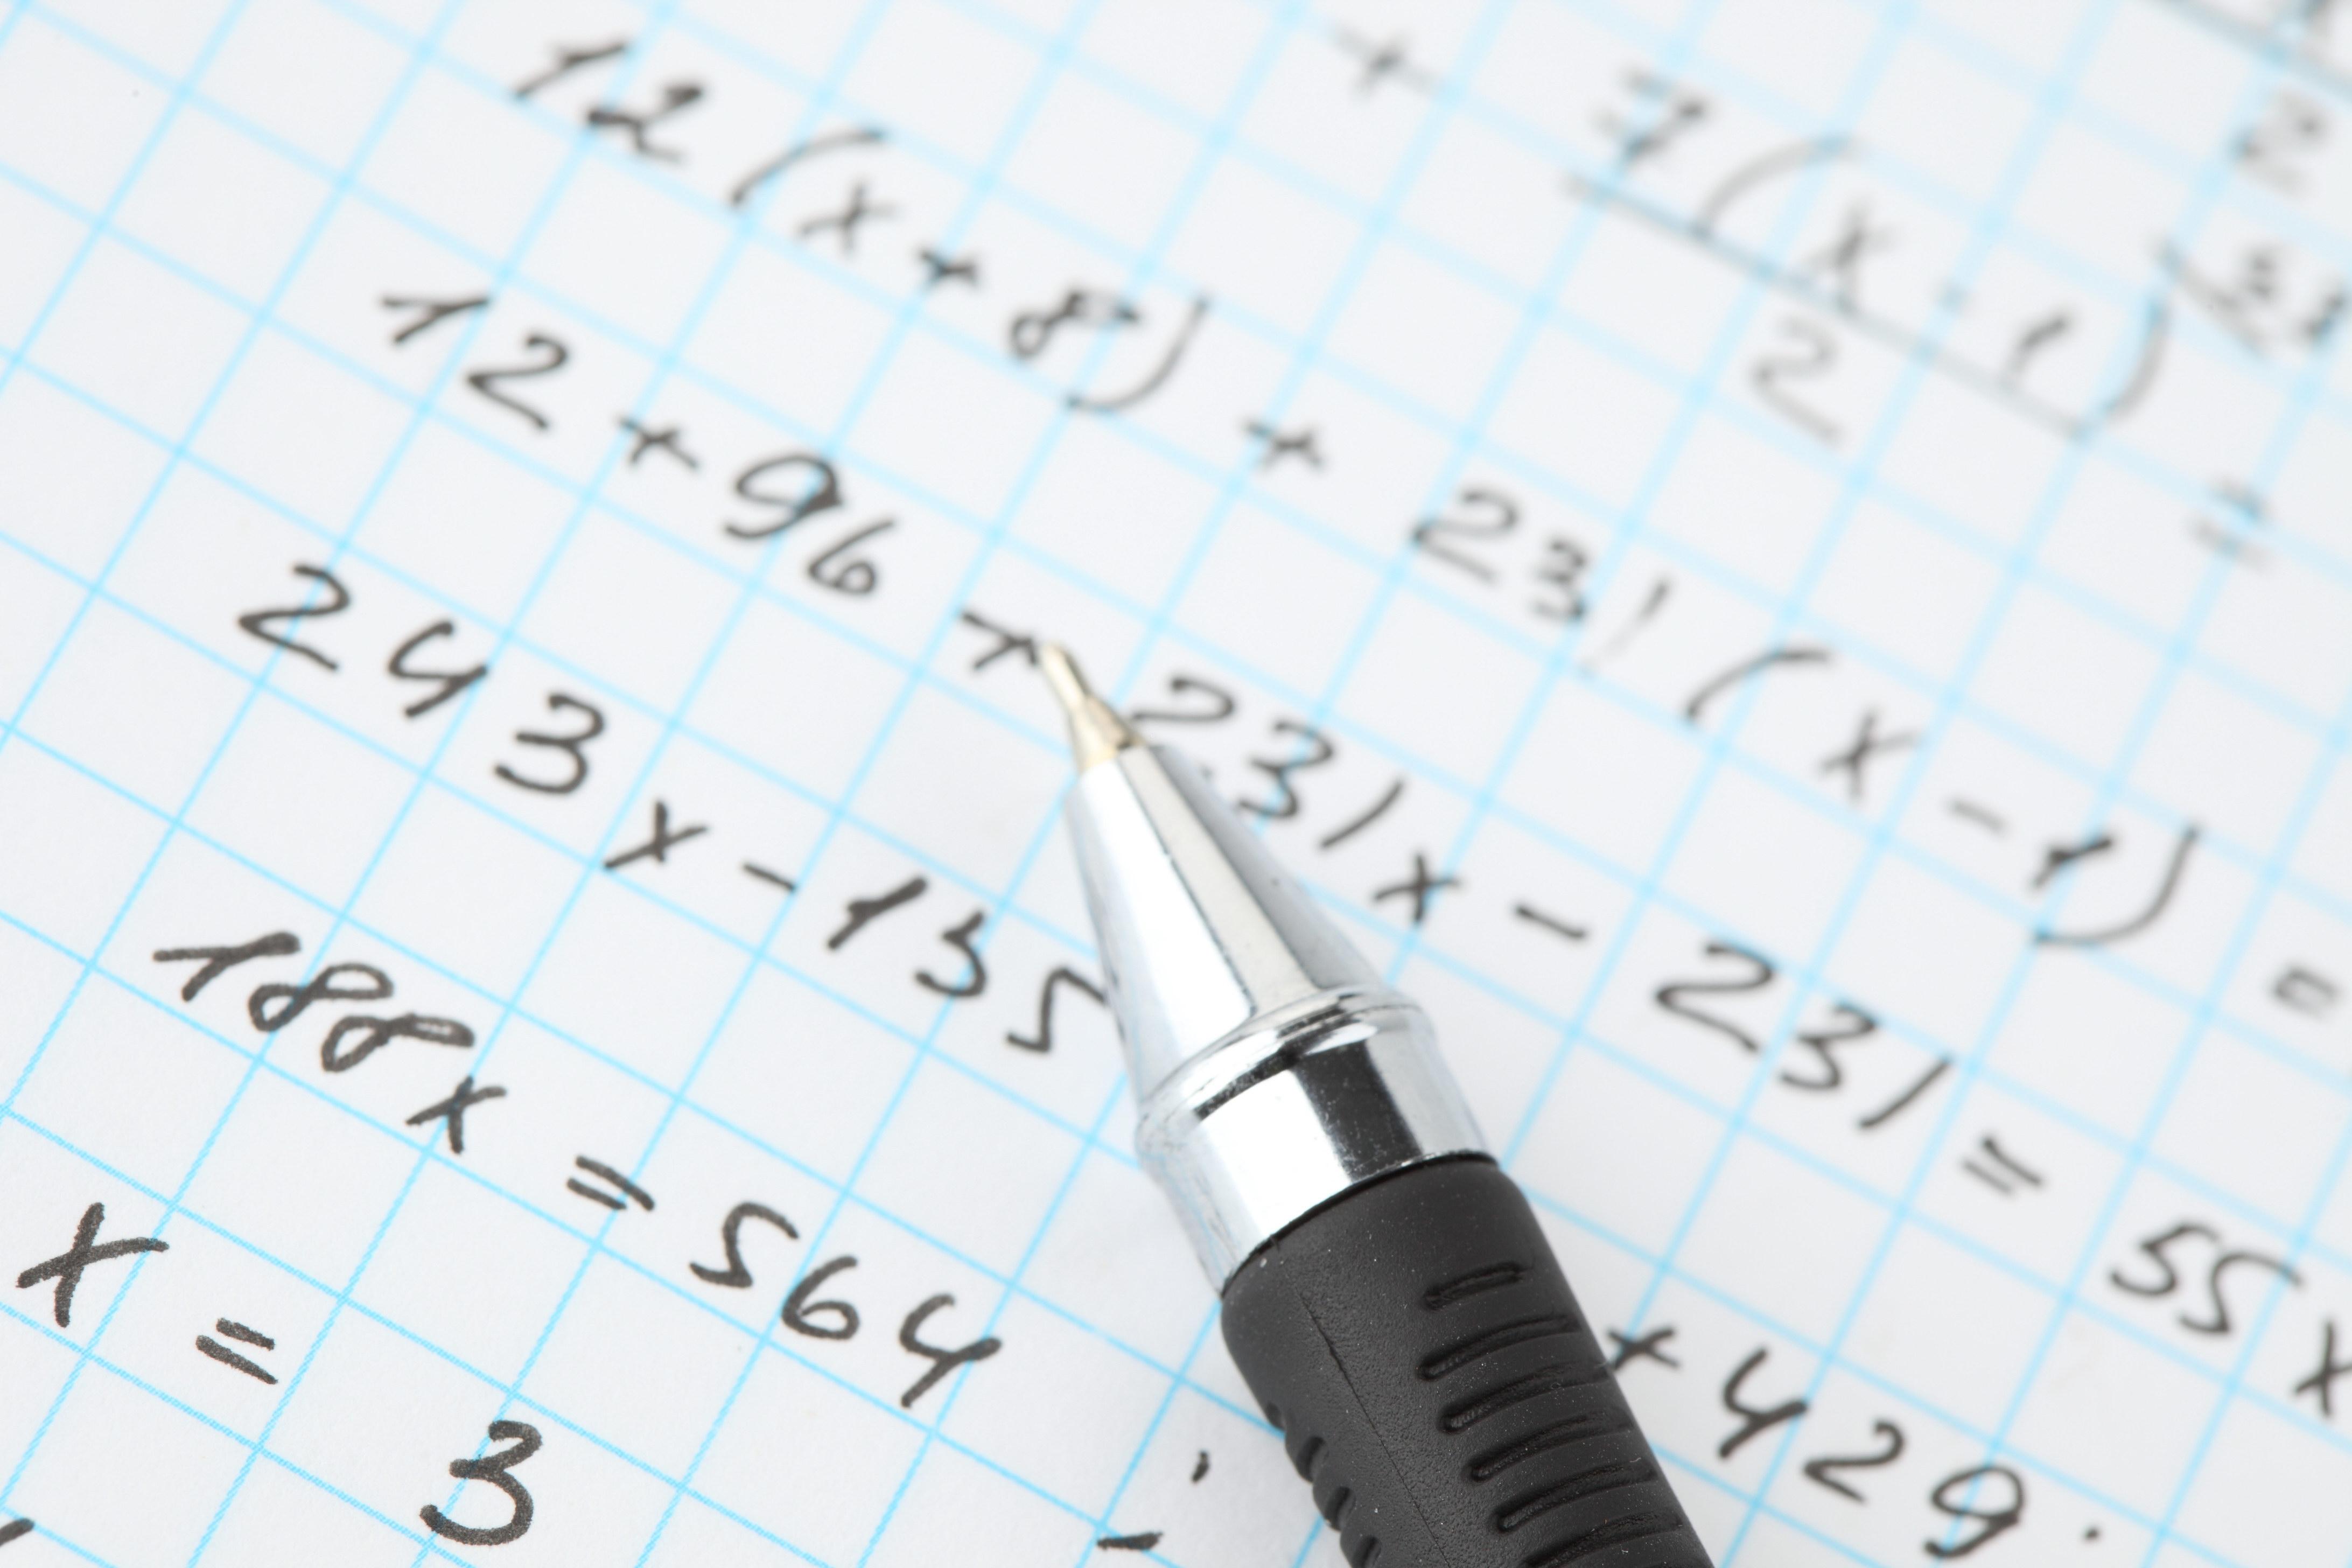 Wallpaper Pen Notebook Cell Formula Study 4368x2912